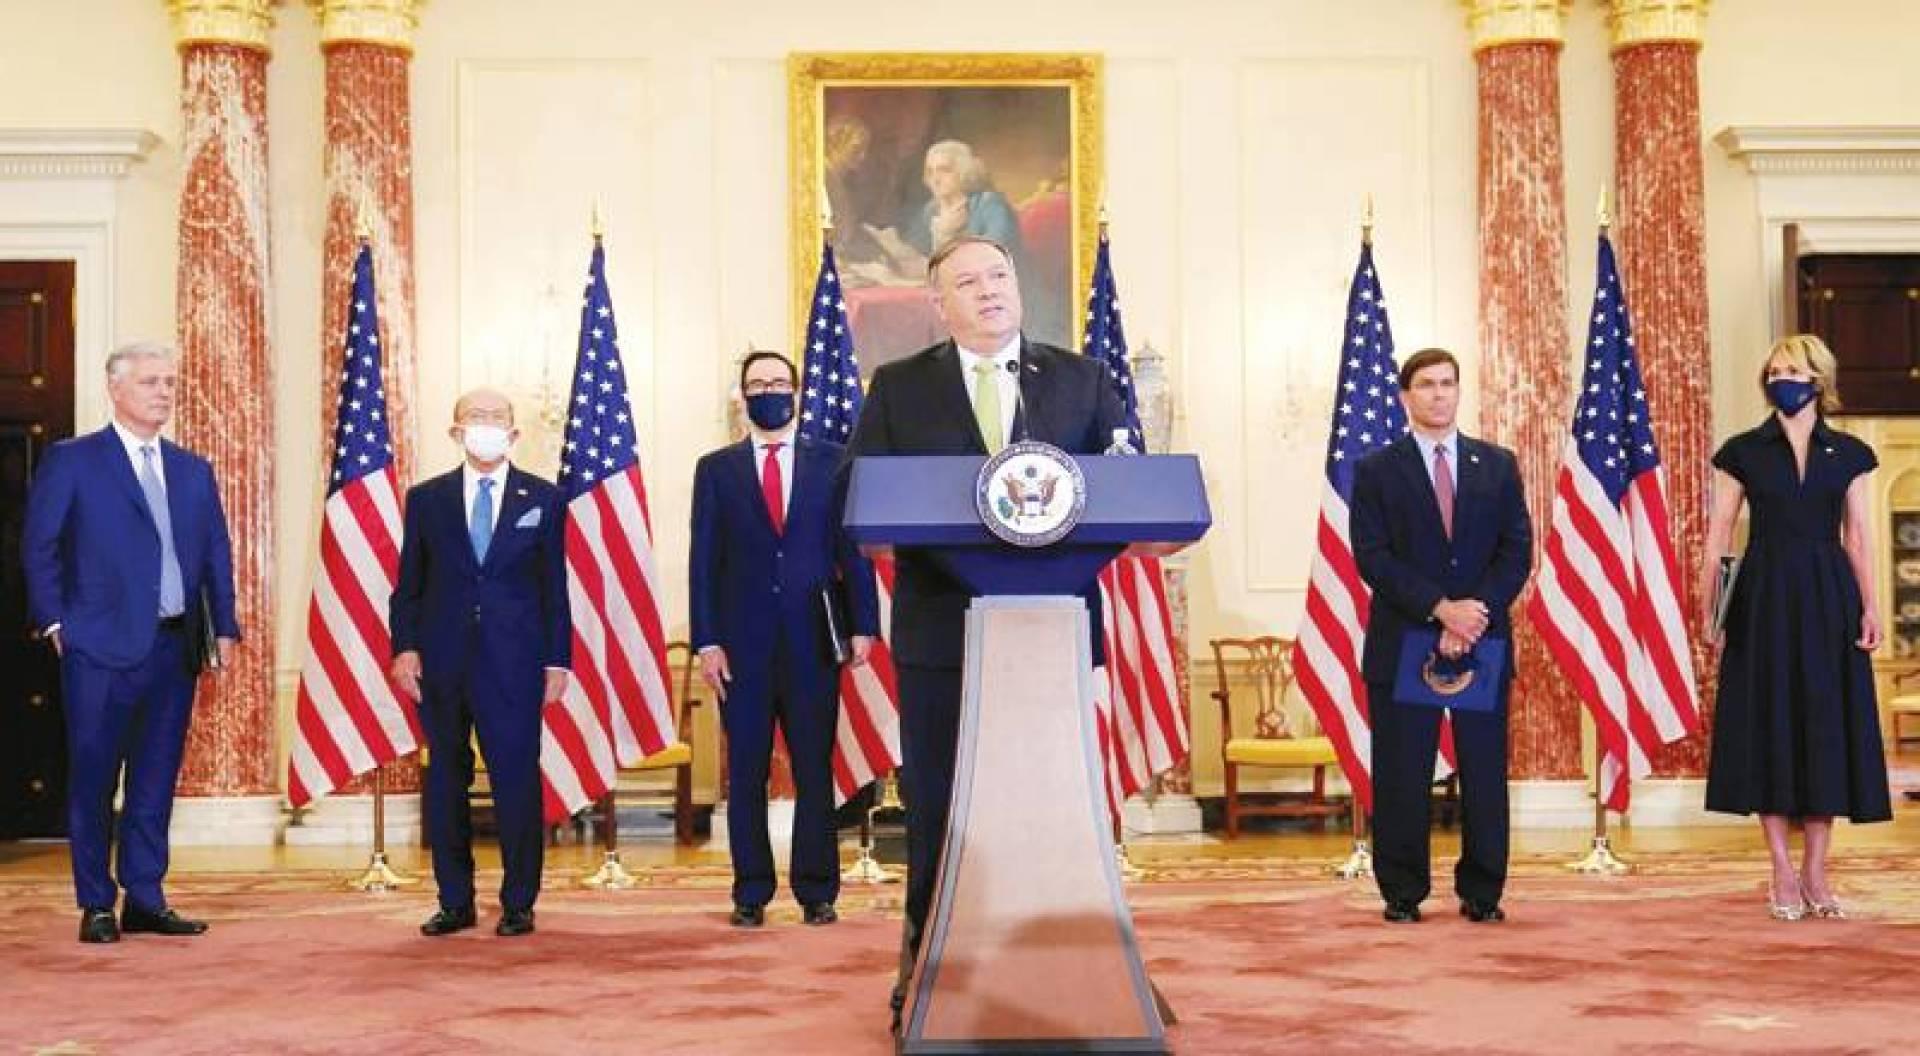 بومبيو متحدثاً بحضور أوبراين ومنوشين وإسبر وروس والسفيرة الأممية كيلي كرافت خلال المؤتمر الصحافي في واشنطن أمس (رويترز)